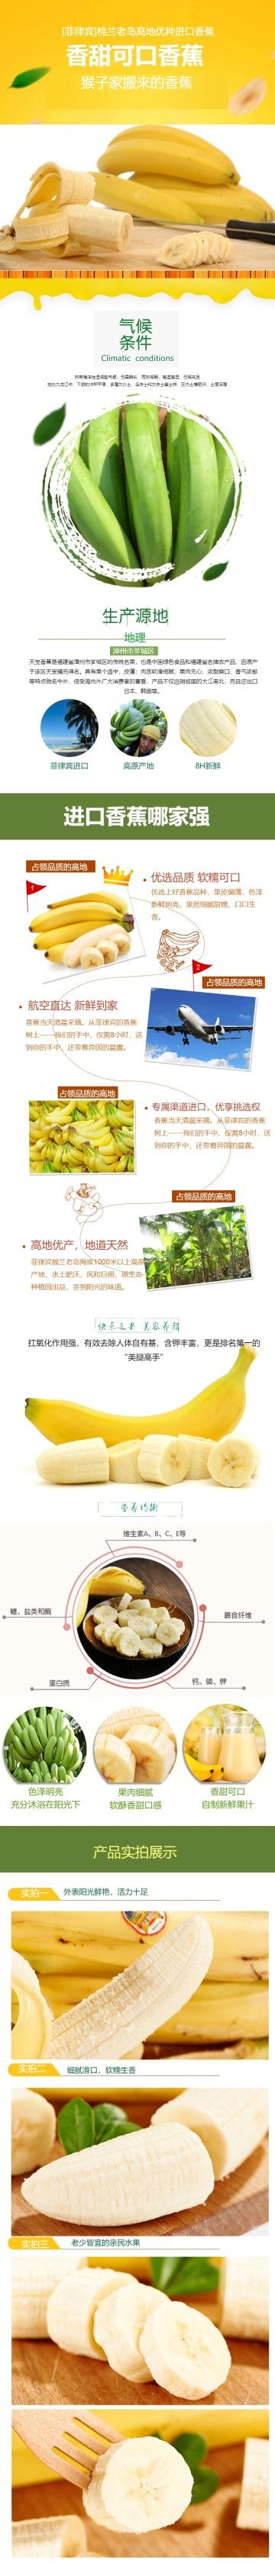 清新简约百货零售生鲜水果香蕉促销电商详情页